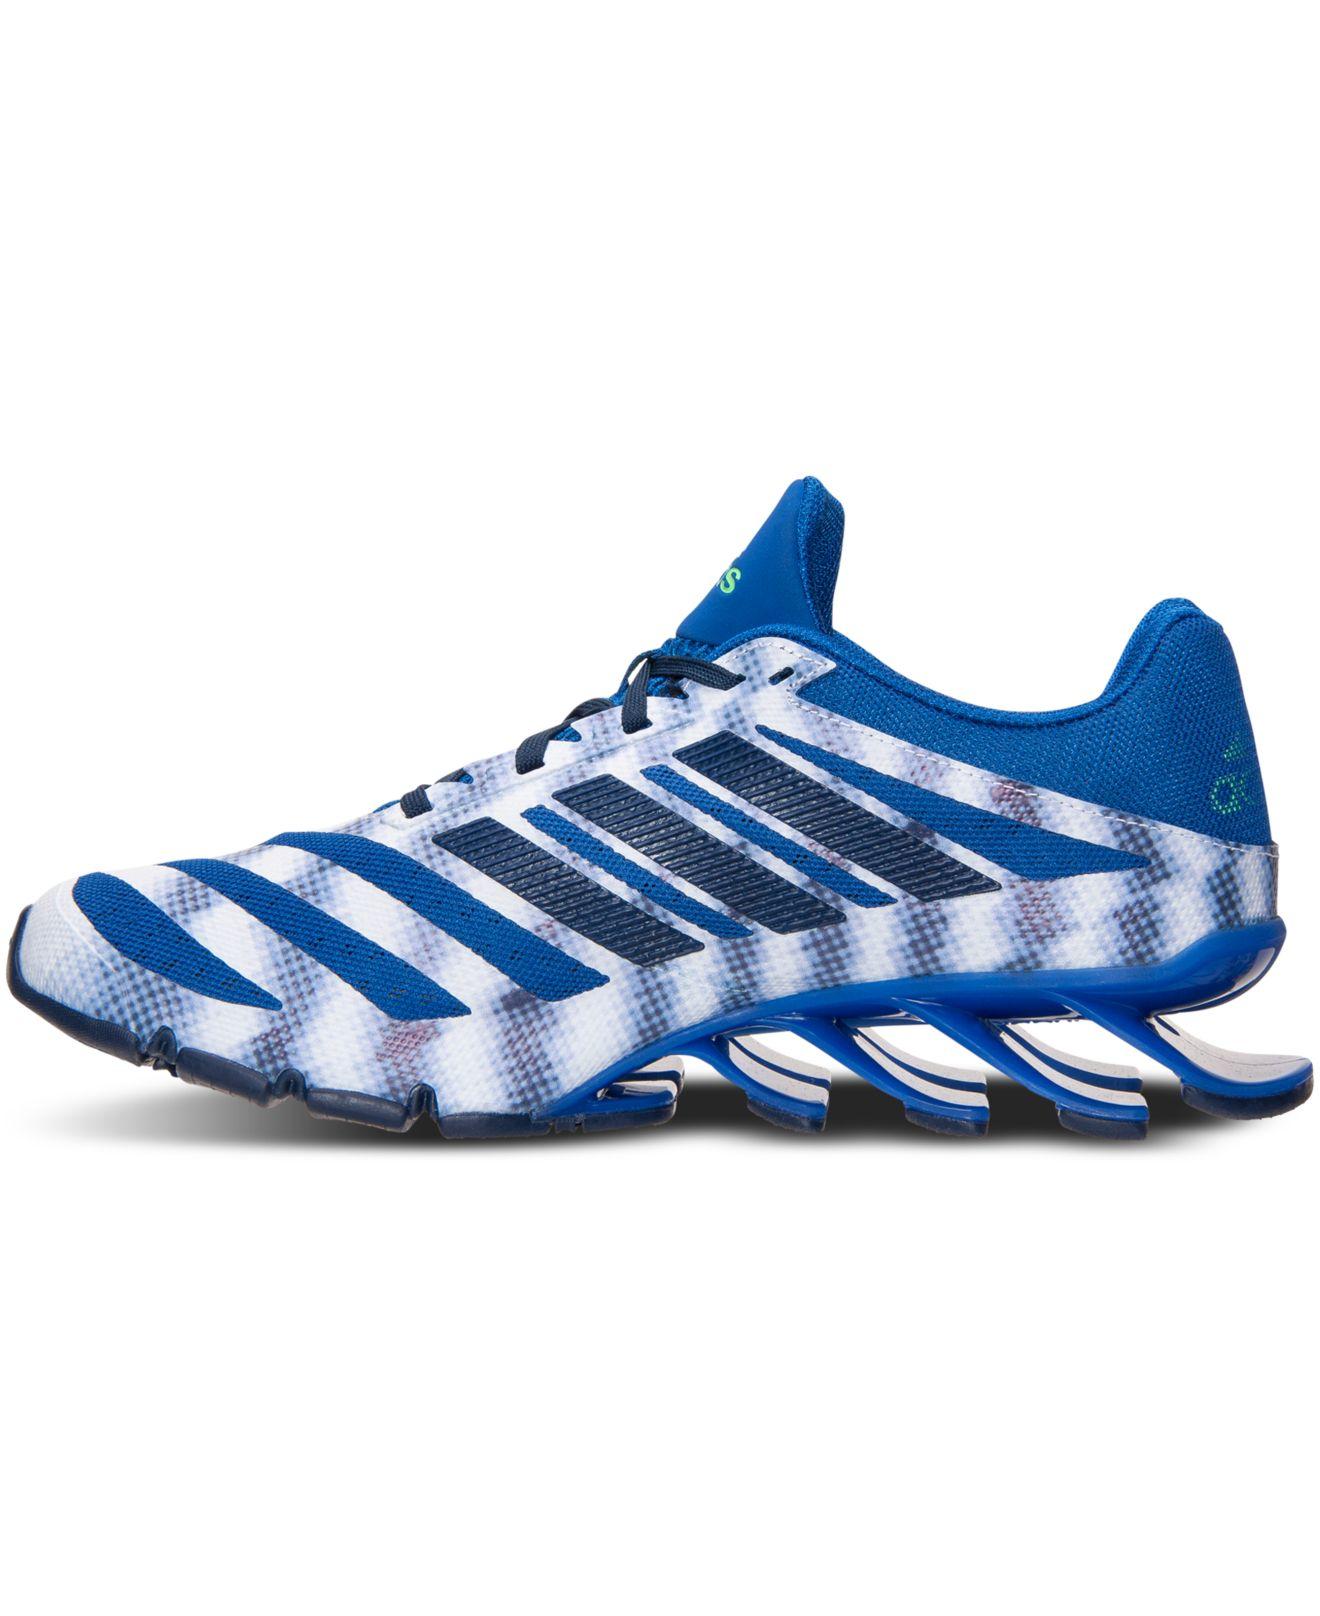 quality design 27689 68d6d Spring Blade Adidas Shoes Price